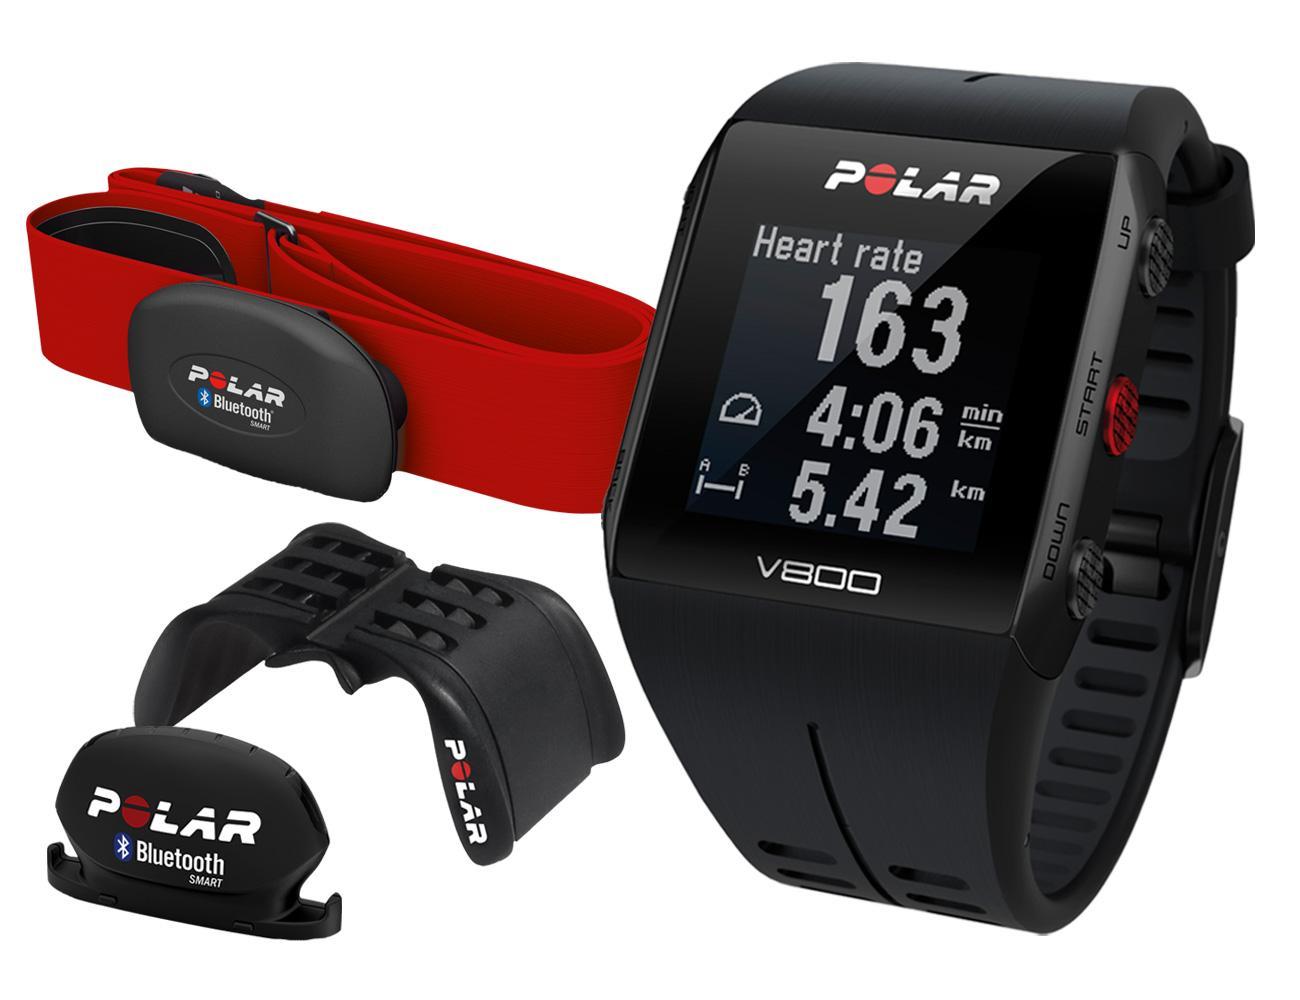 Montre GPS Polar V800 JGN Spécial édition + Accessoires